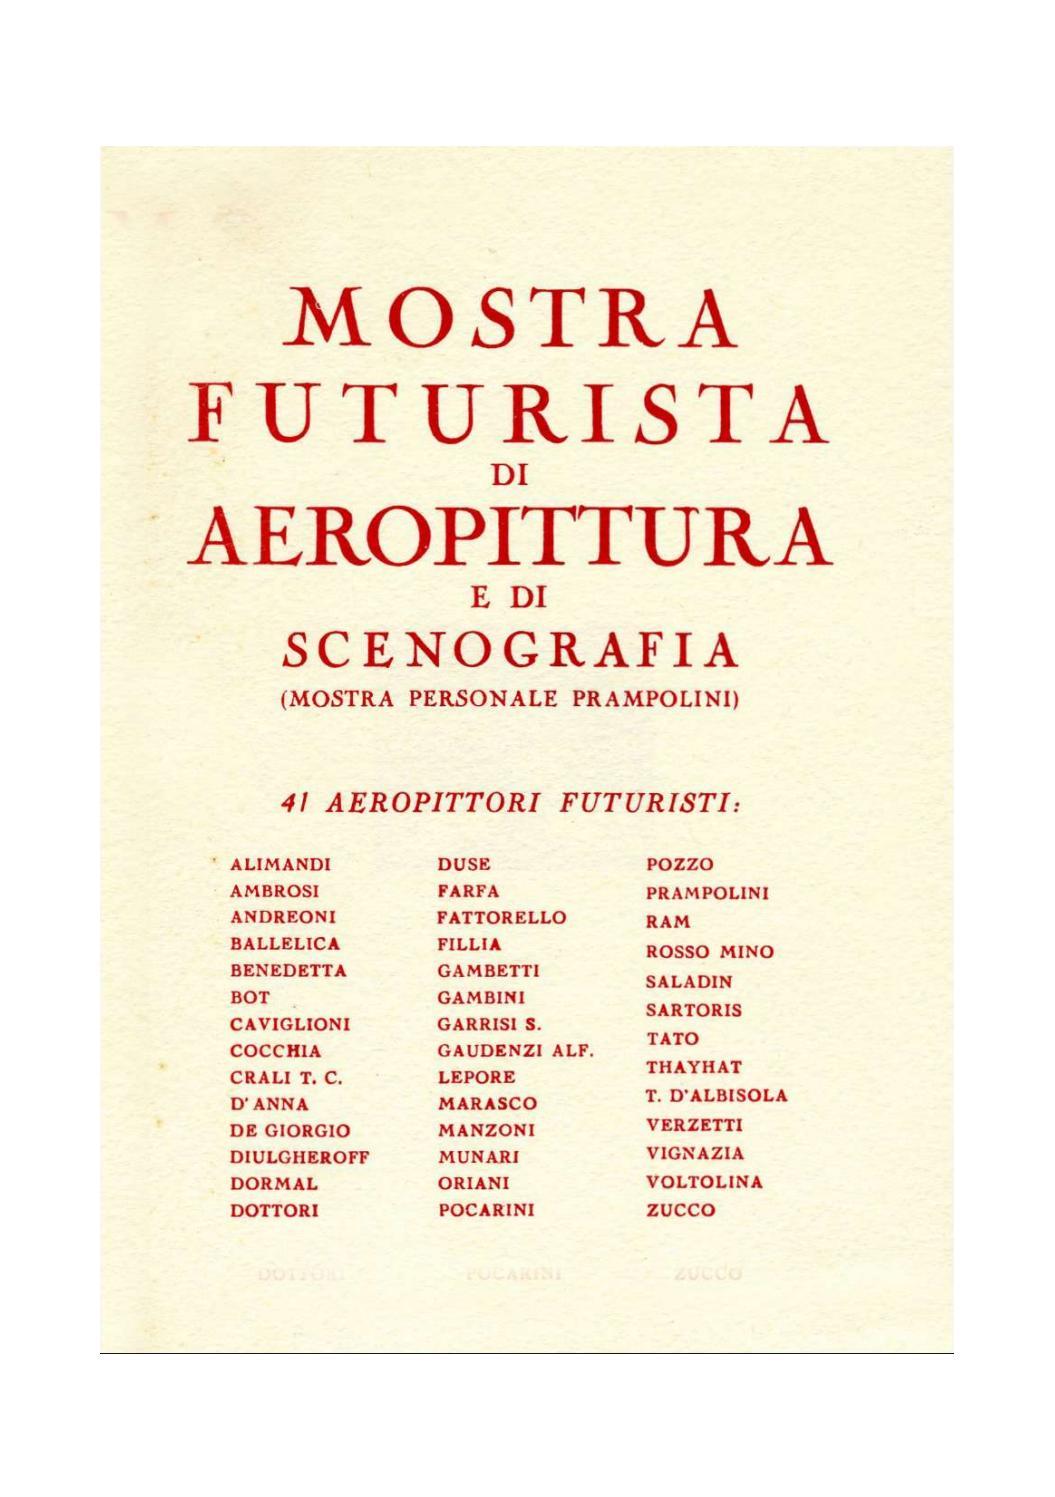 047_1931_MOSTRA FUTURISTA DI AEROPITTURA E DI SCENOGRAFIA ...